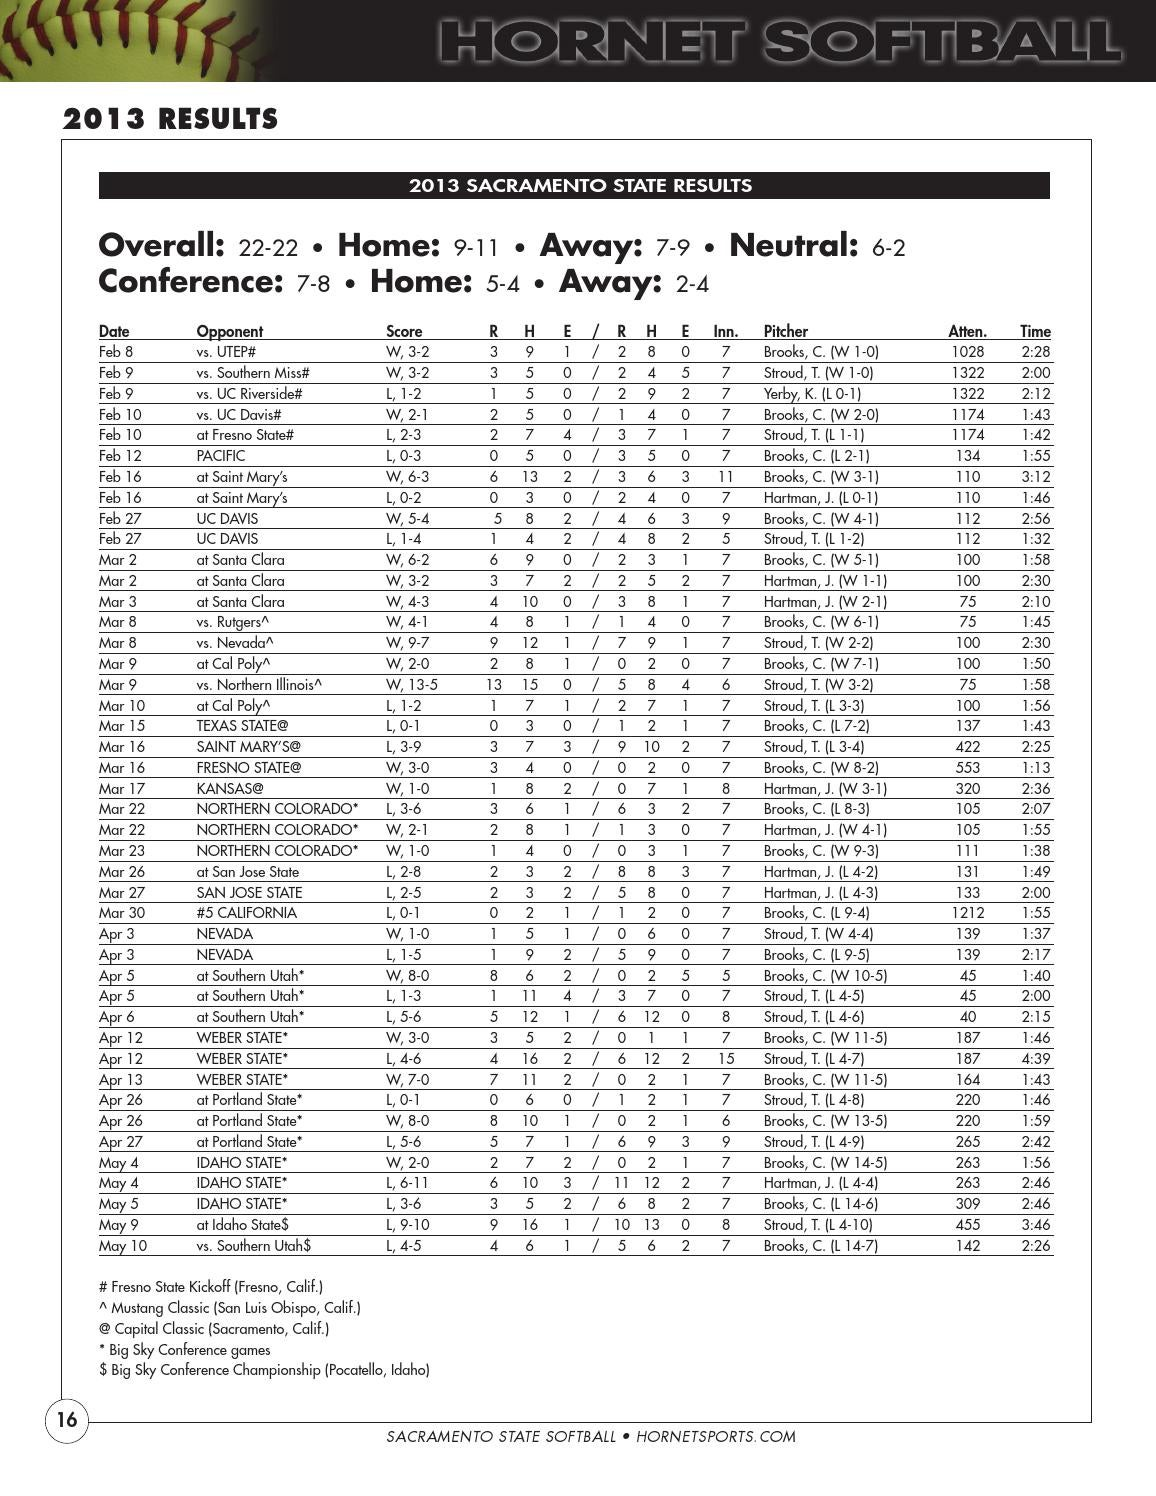 2014 Sacramento State Softball Media Guide by Hornet